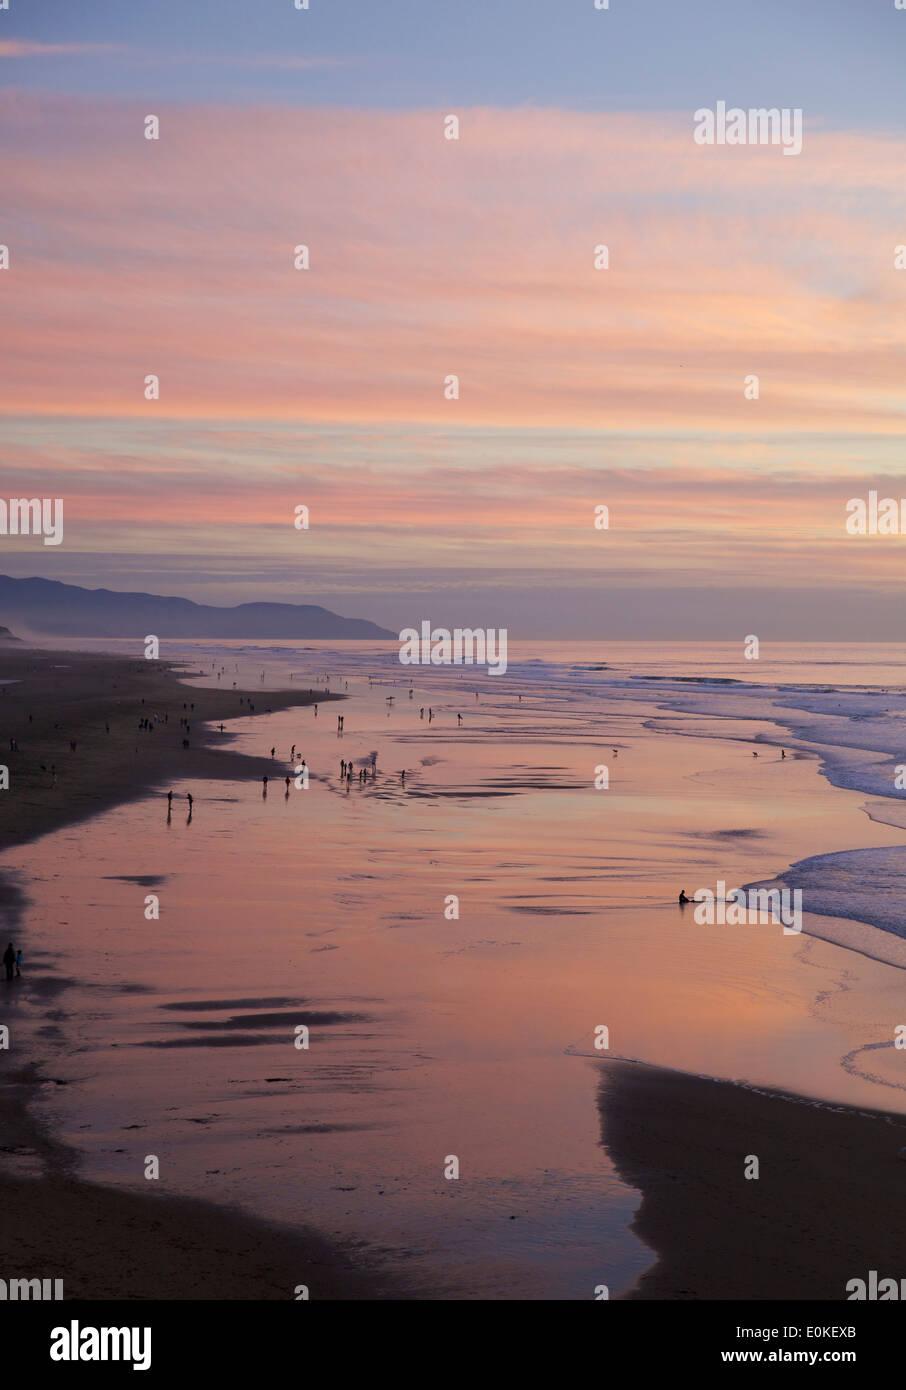 La gente camminare lungo la riva si stagliano contro un brillante tramonto con colori di blu, rosa e viola e arancione. Immagini Stock